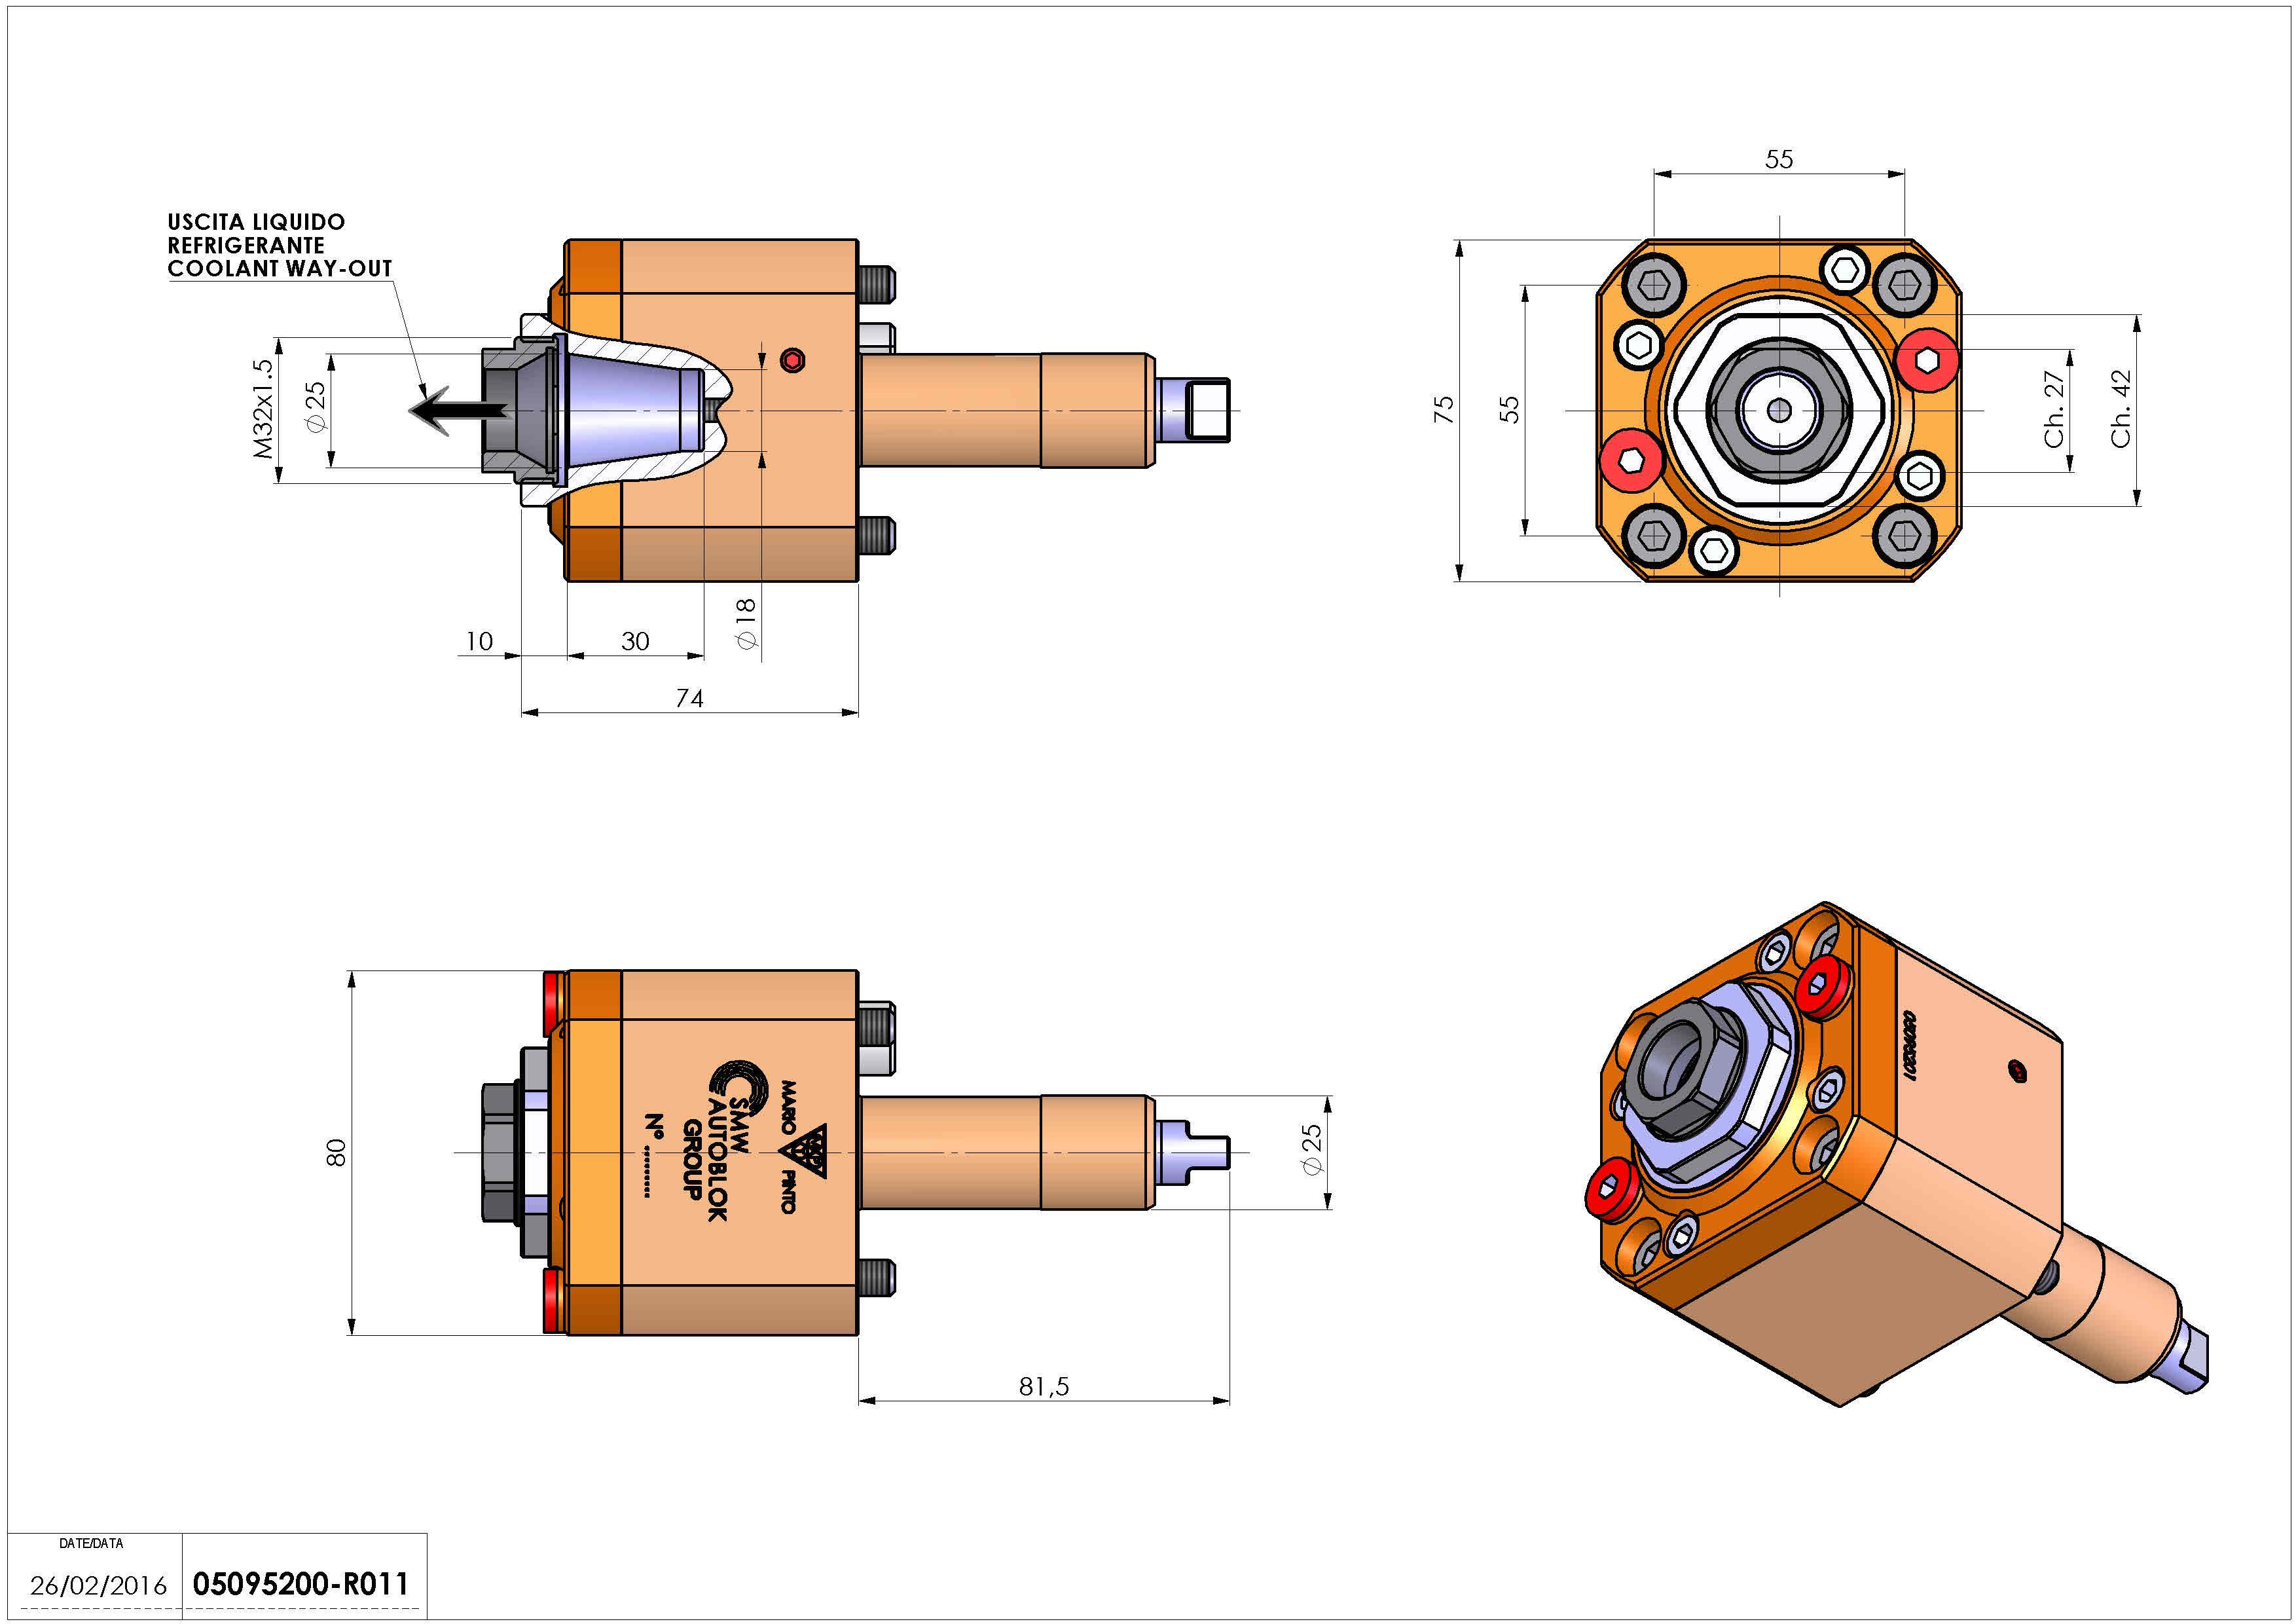 Technical image - LT-S D25 ER25F H74 RF ROMI.